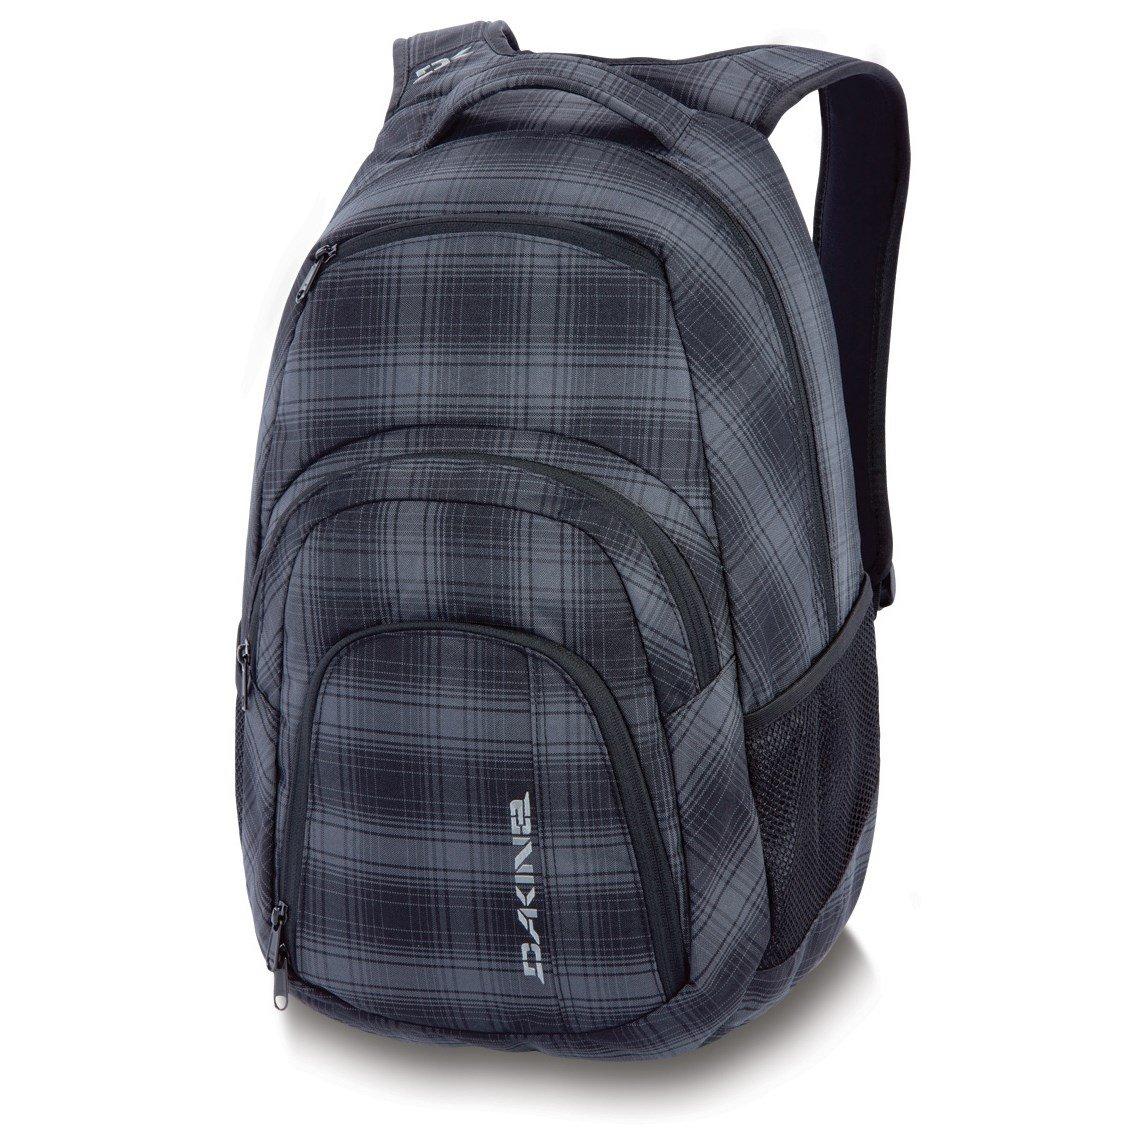 DaKine Campus Backpack - LG | evo